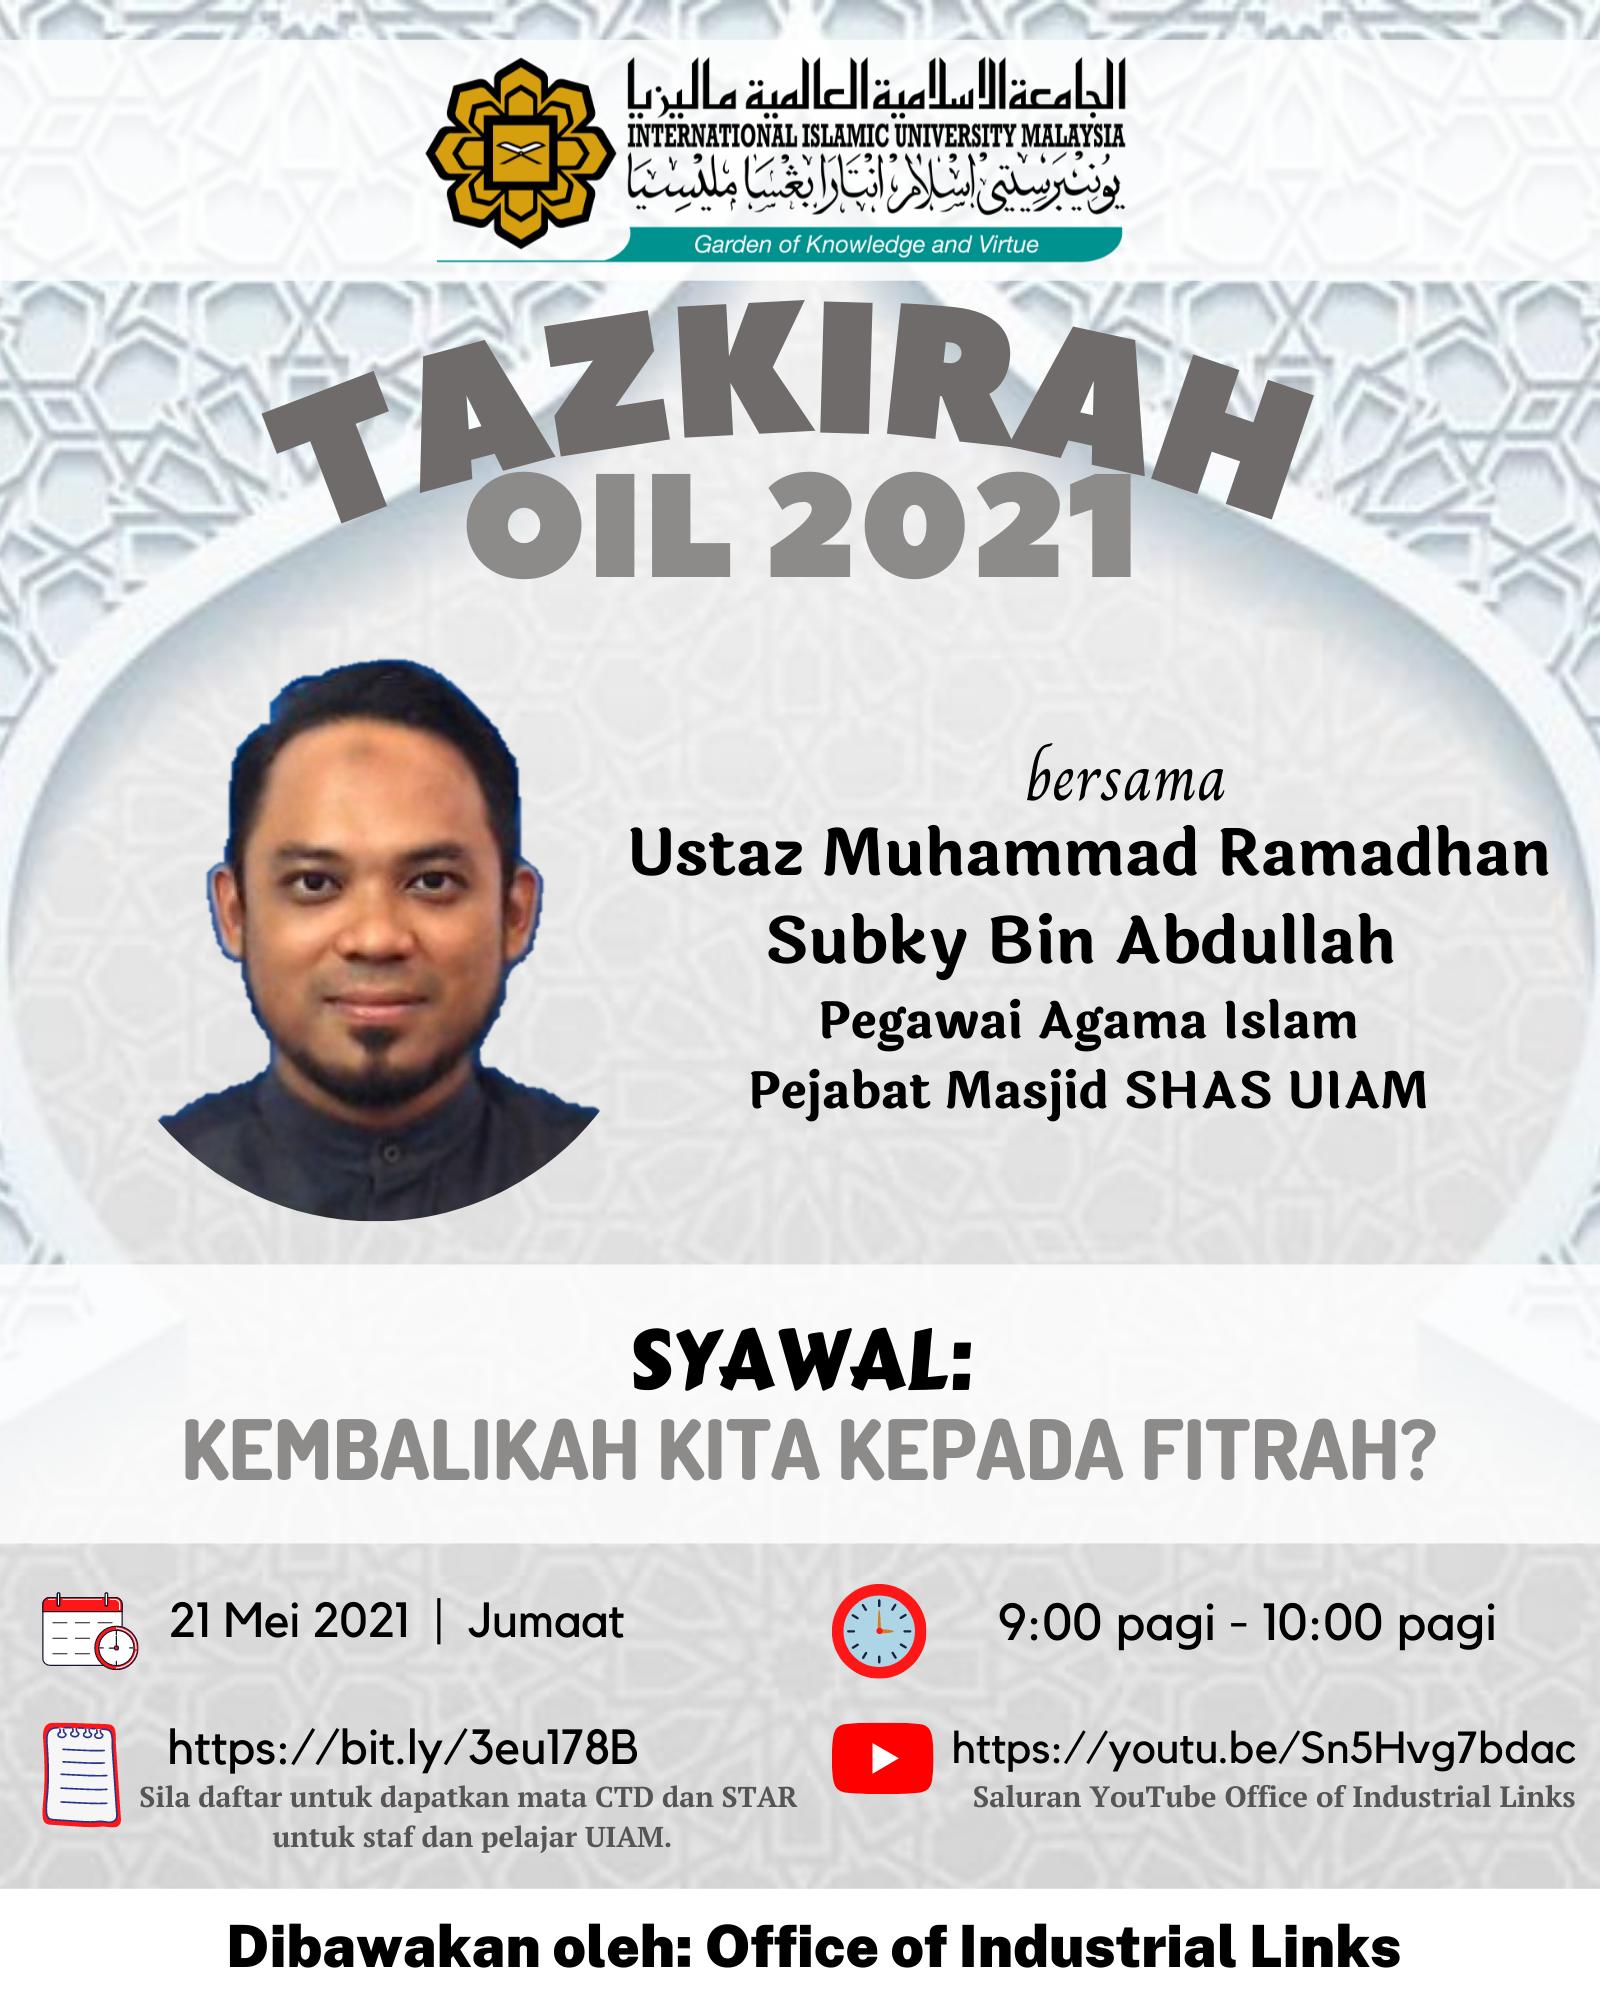 Tazkirah OIL 2021: Kembalikah Kita Kepada Fitrah?